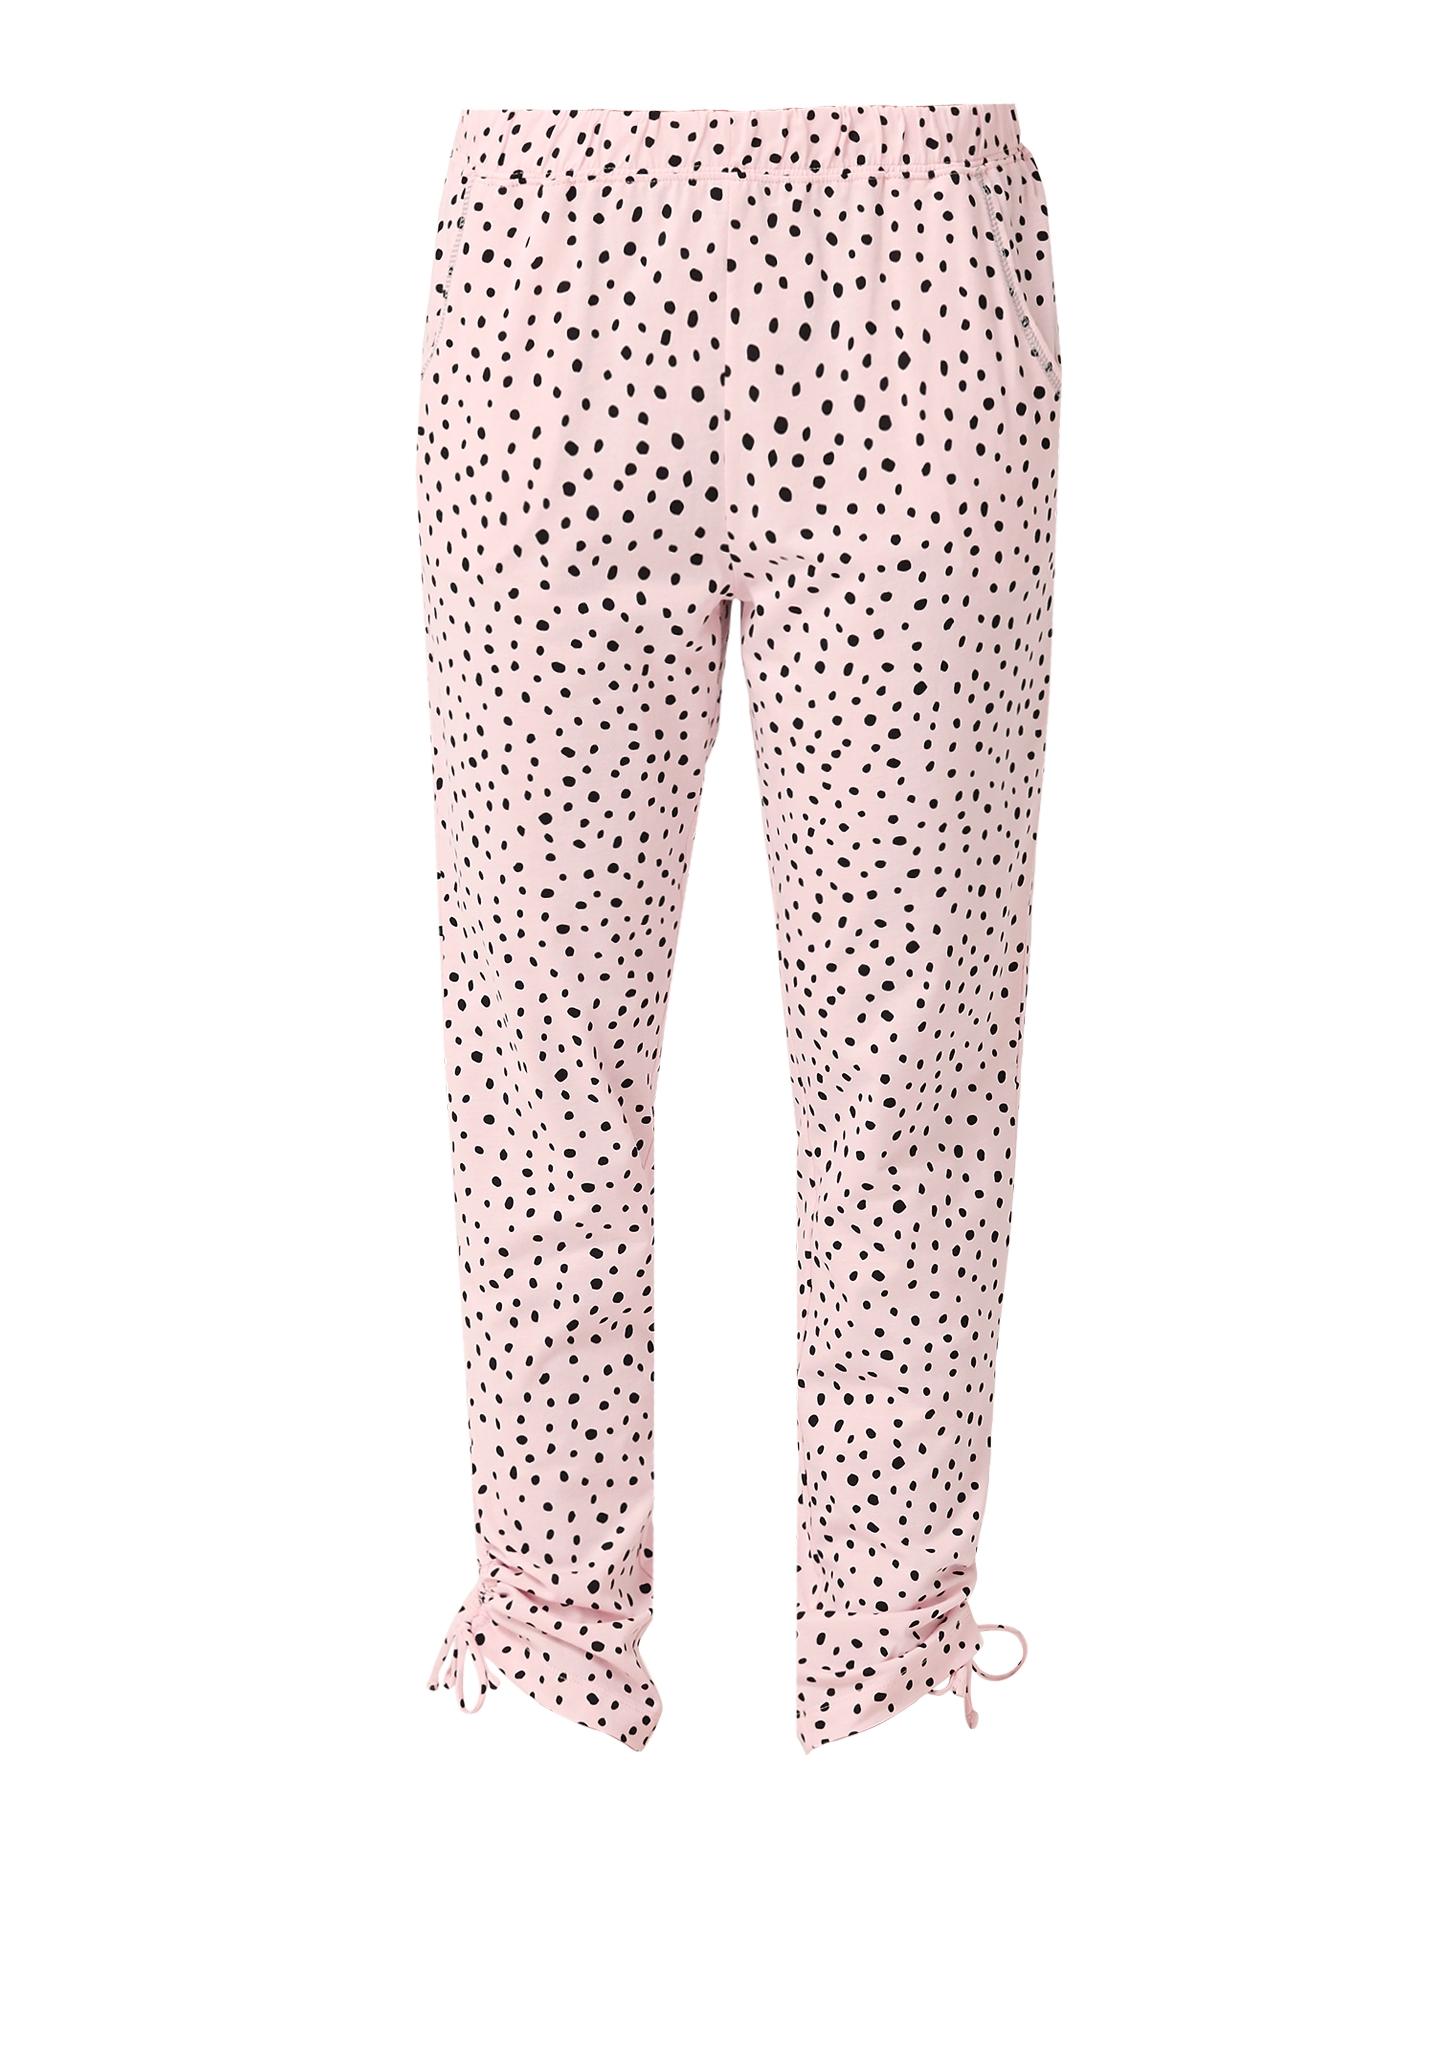 Schlafanzughose   Bekleidung > Nachtwäsche > Sleepshirts   s.Oliver